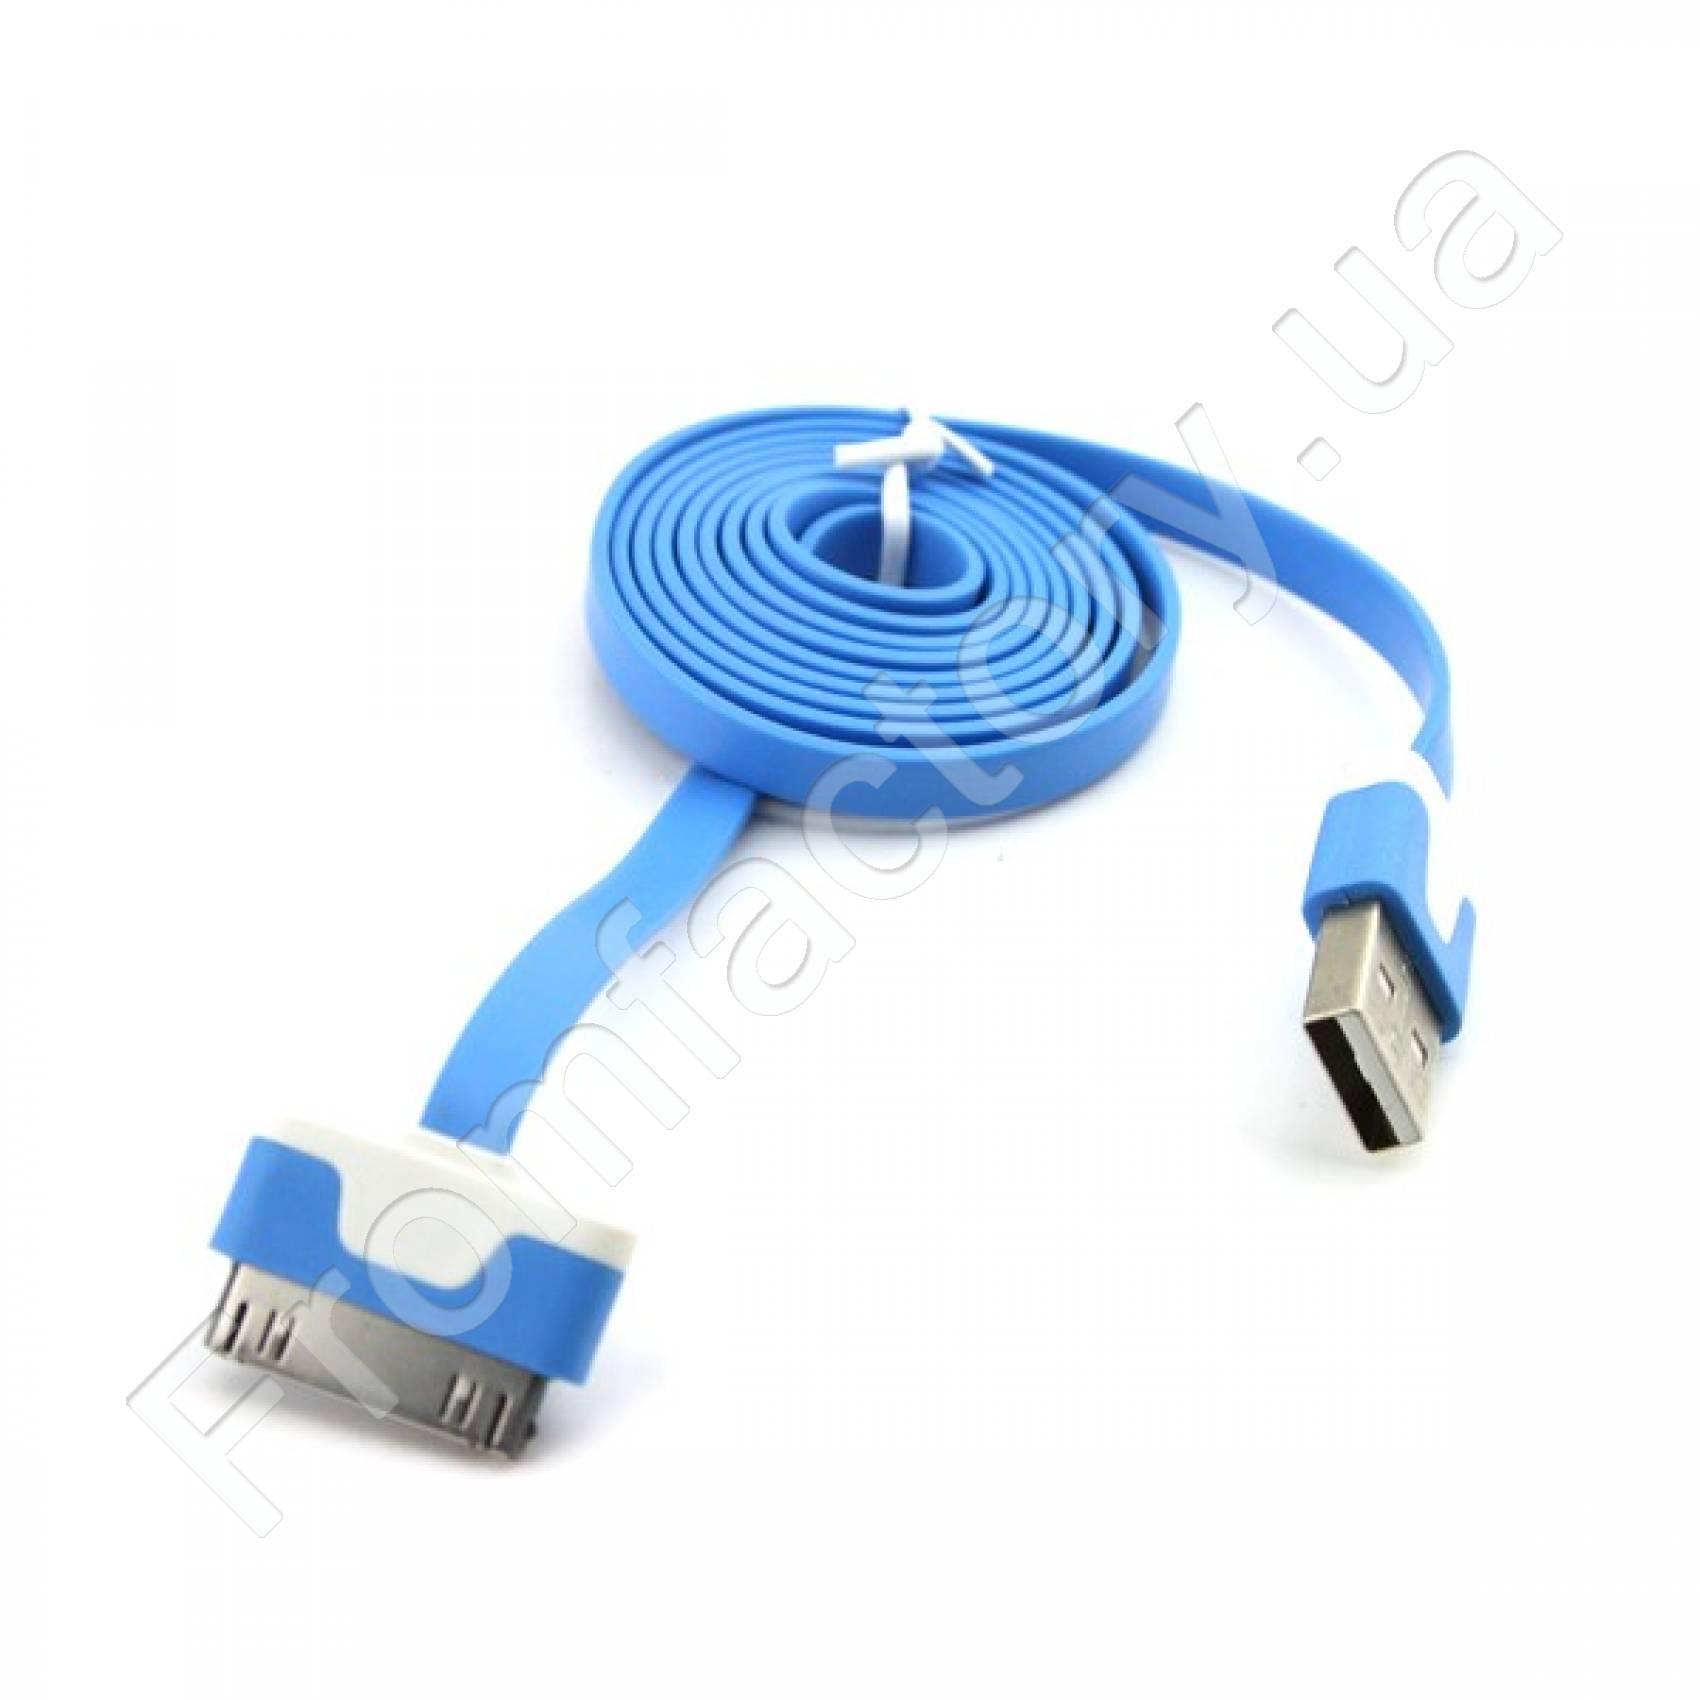 Кабель для Apple USB/30mm (разные цвета, 1 м)